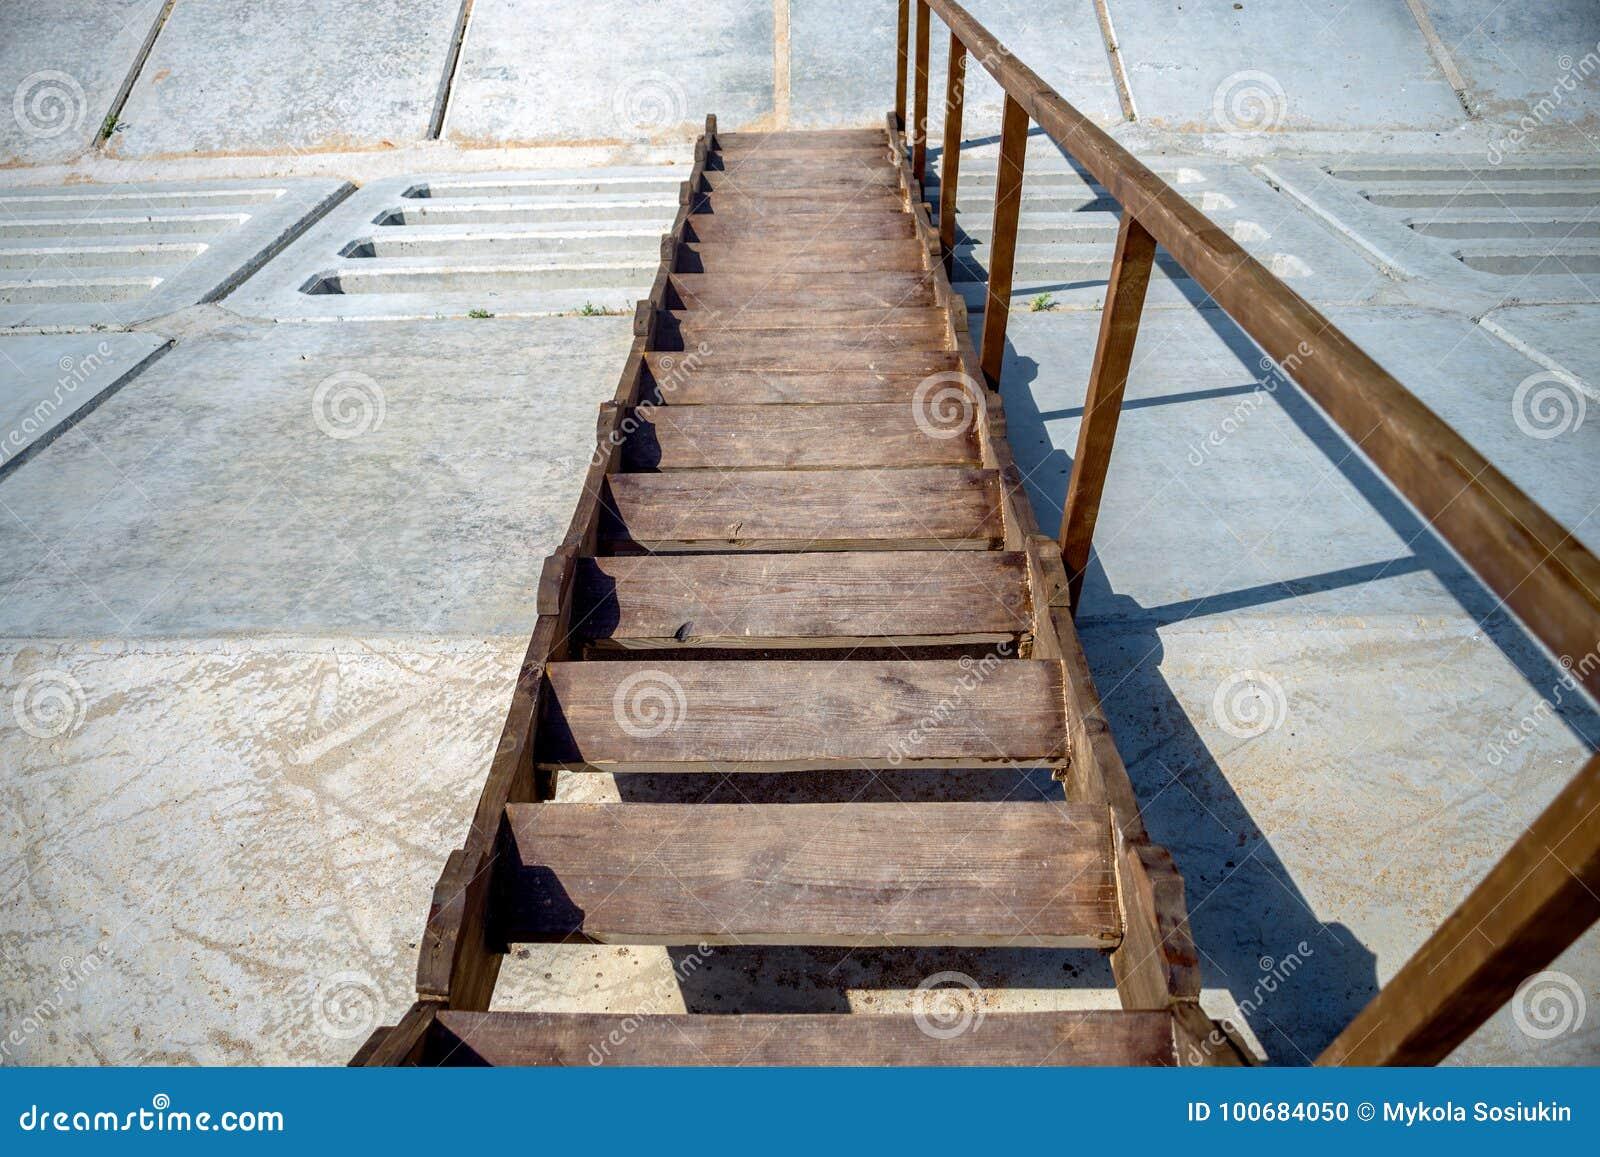 Punti di legno che scendono un pendio, scala di legno con una che recinta